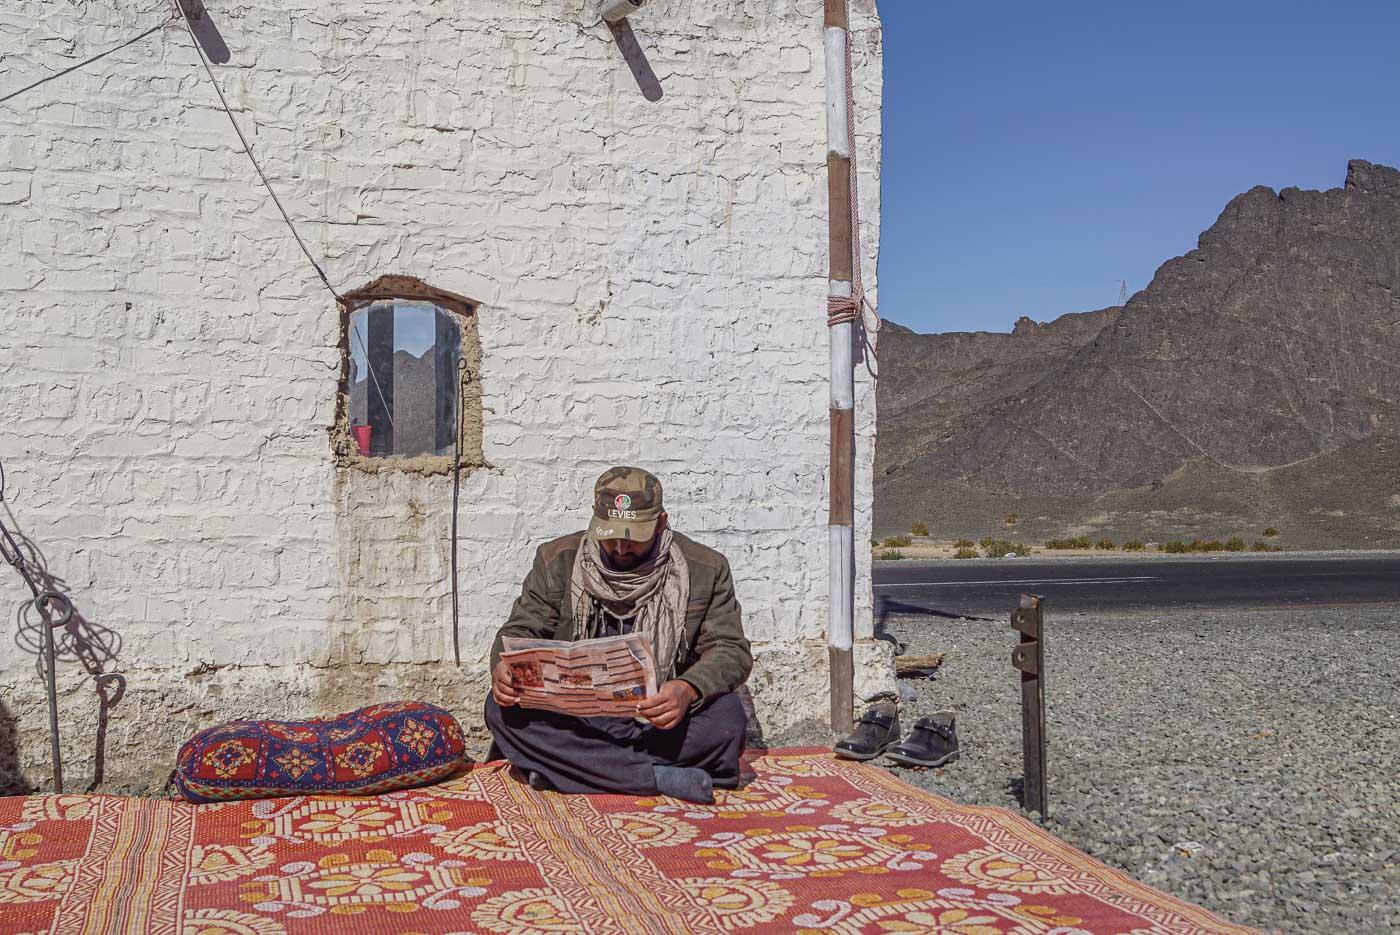 Zu sehen ist wie ein Levie mit ausgezogenen Schuhen auf einem bunten Teppich sitzt. Im Hintergrund ist ein Lehmhaus zu sehen und dahinter erstrecken sich die wunderschönen Berge von Belutschistan. Der Levie blickt nach unten und liest Zeitung